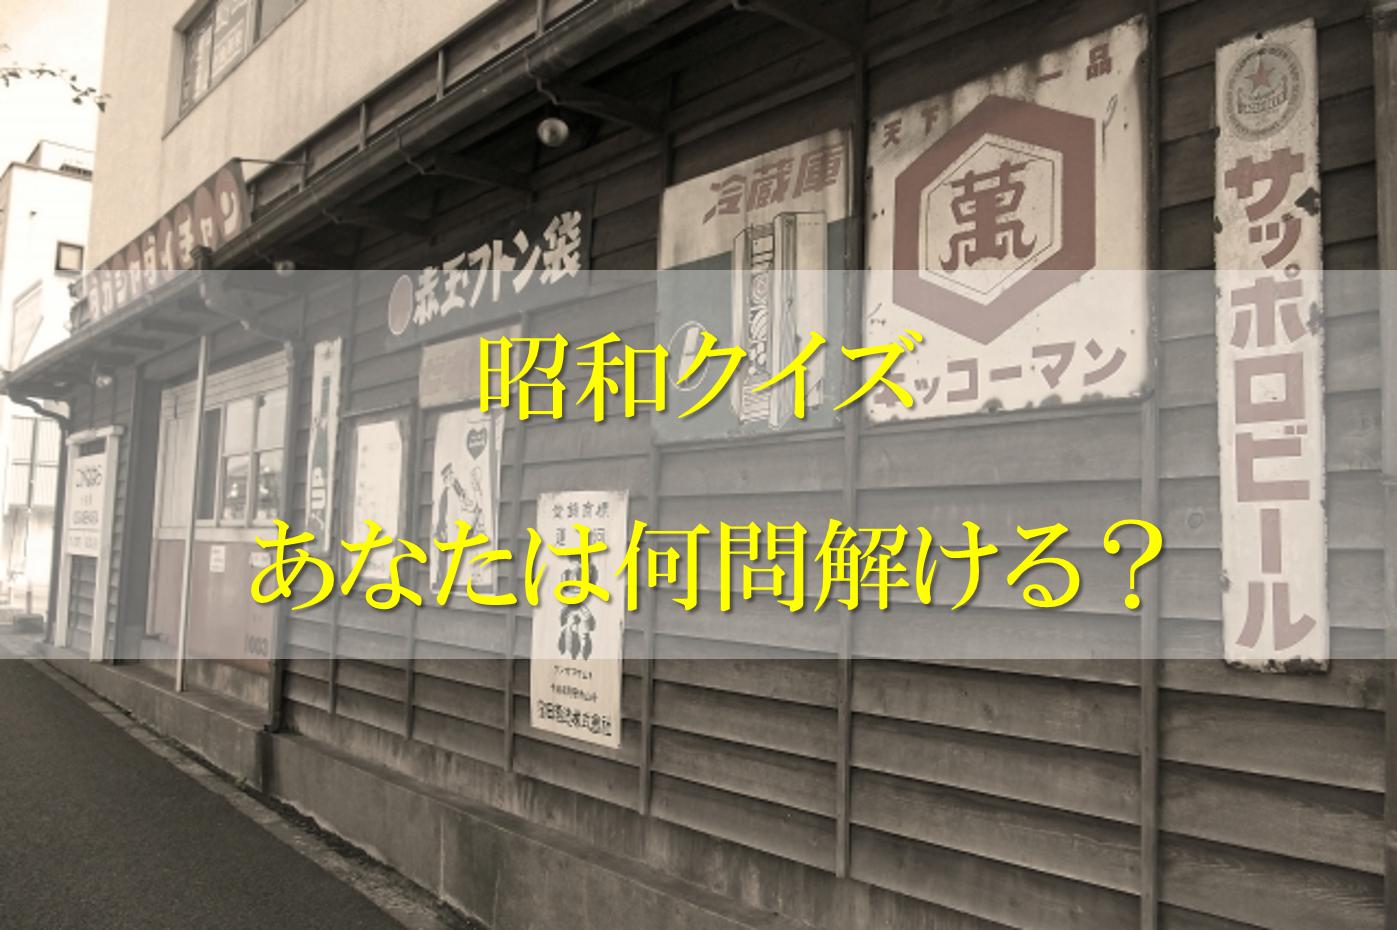 【高齢者クイズ】昭和時代のなつかし問題30問!記憶をよみがえらせよう